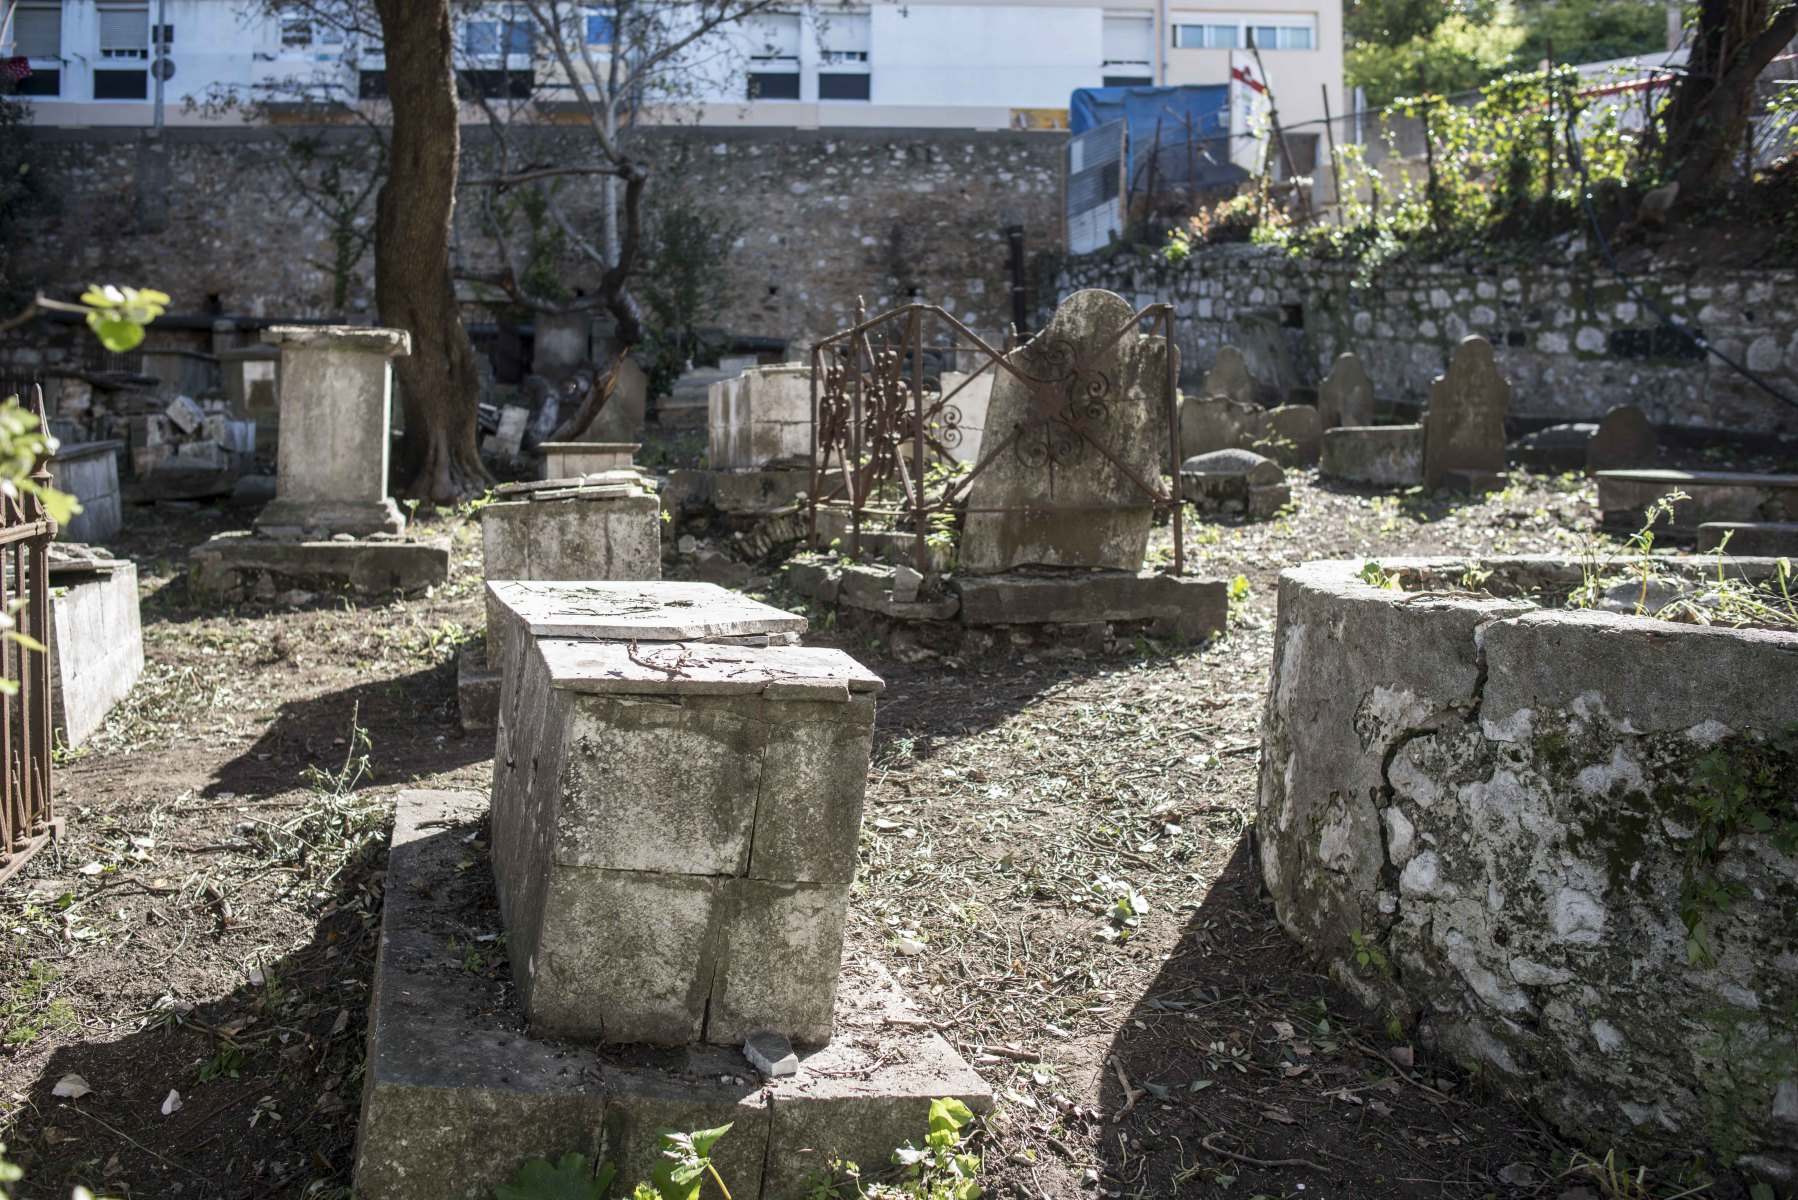 restauracin-cementerio-witham-26_25110013129_o